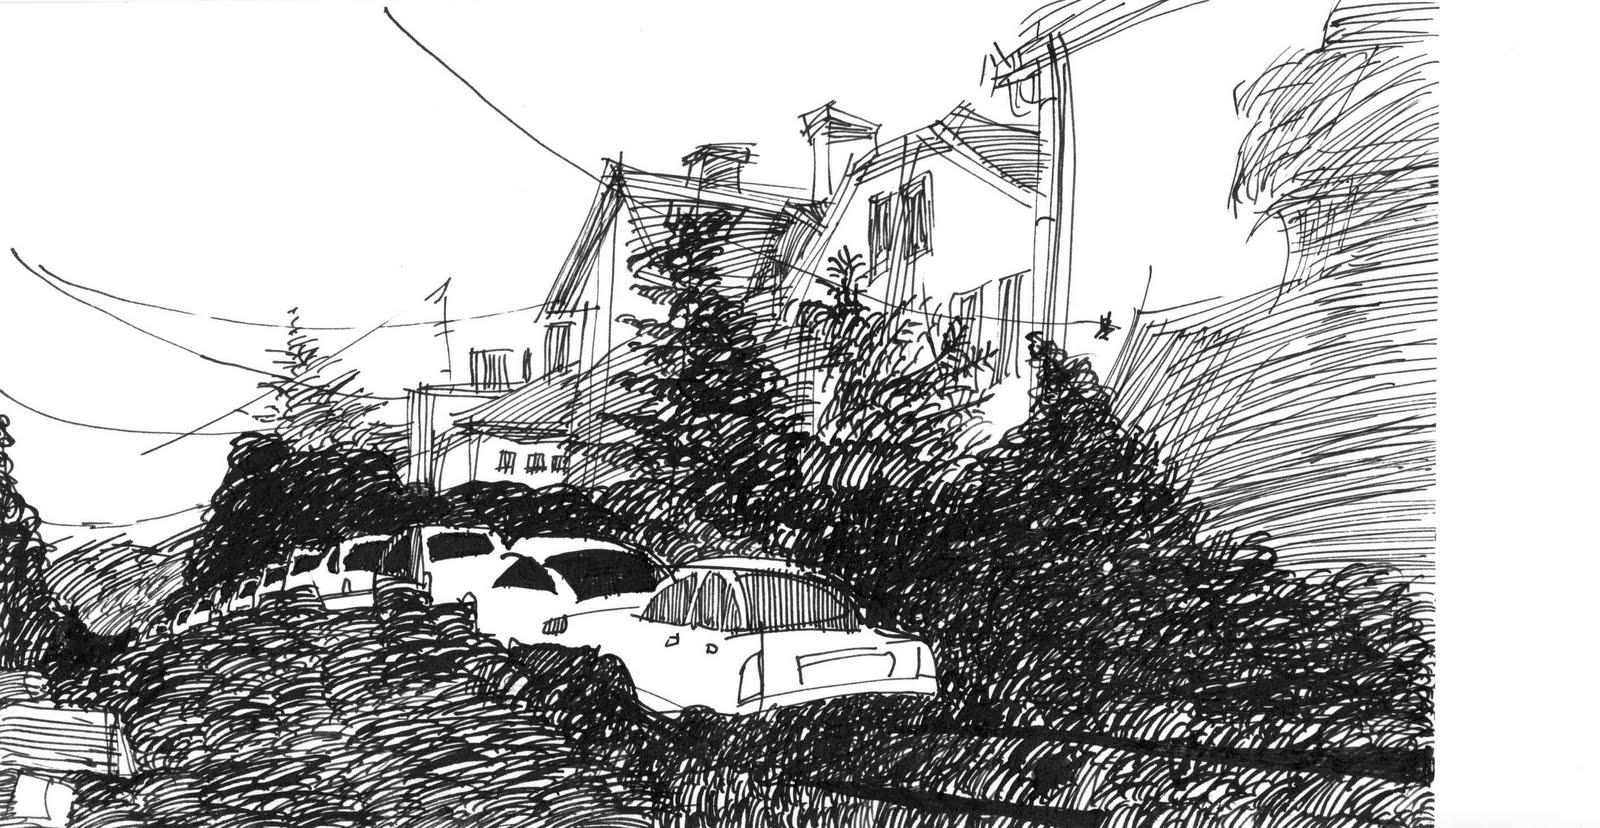 [Fehér+autók+íve+a+Nárcisz+utcában+2005[1].04]